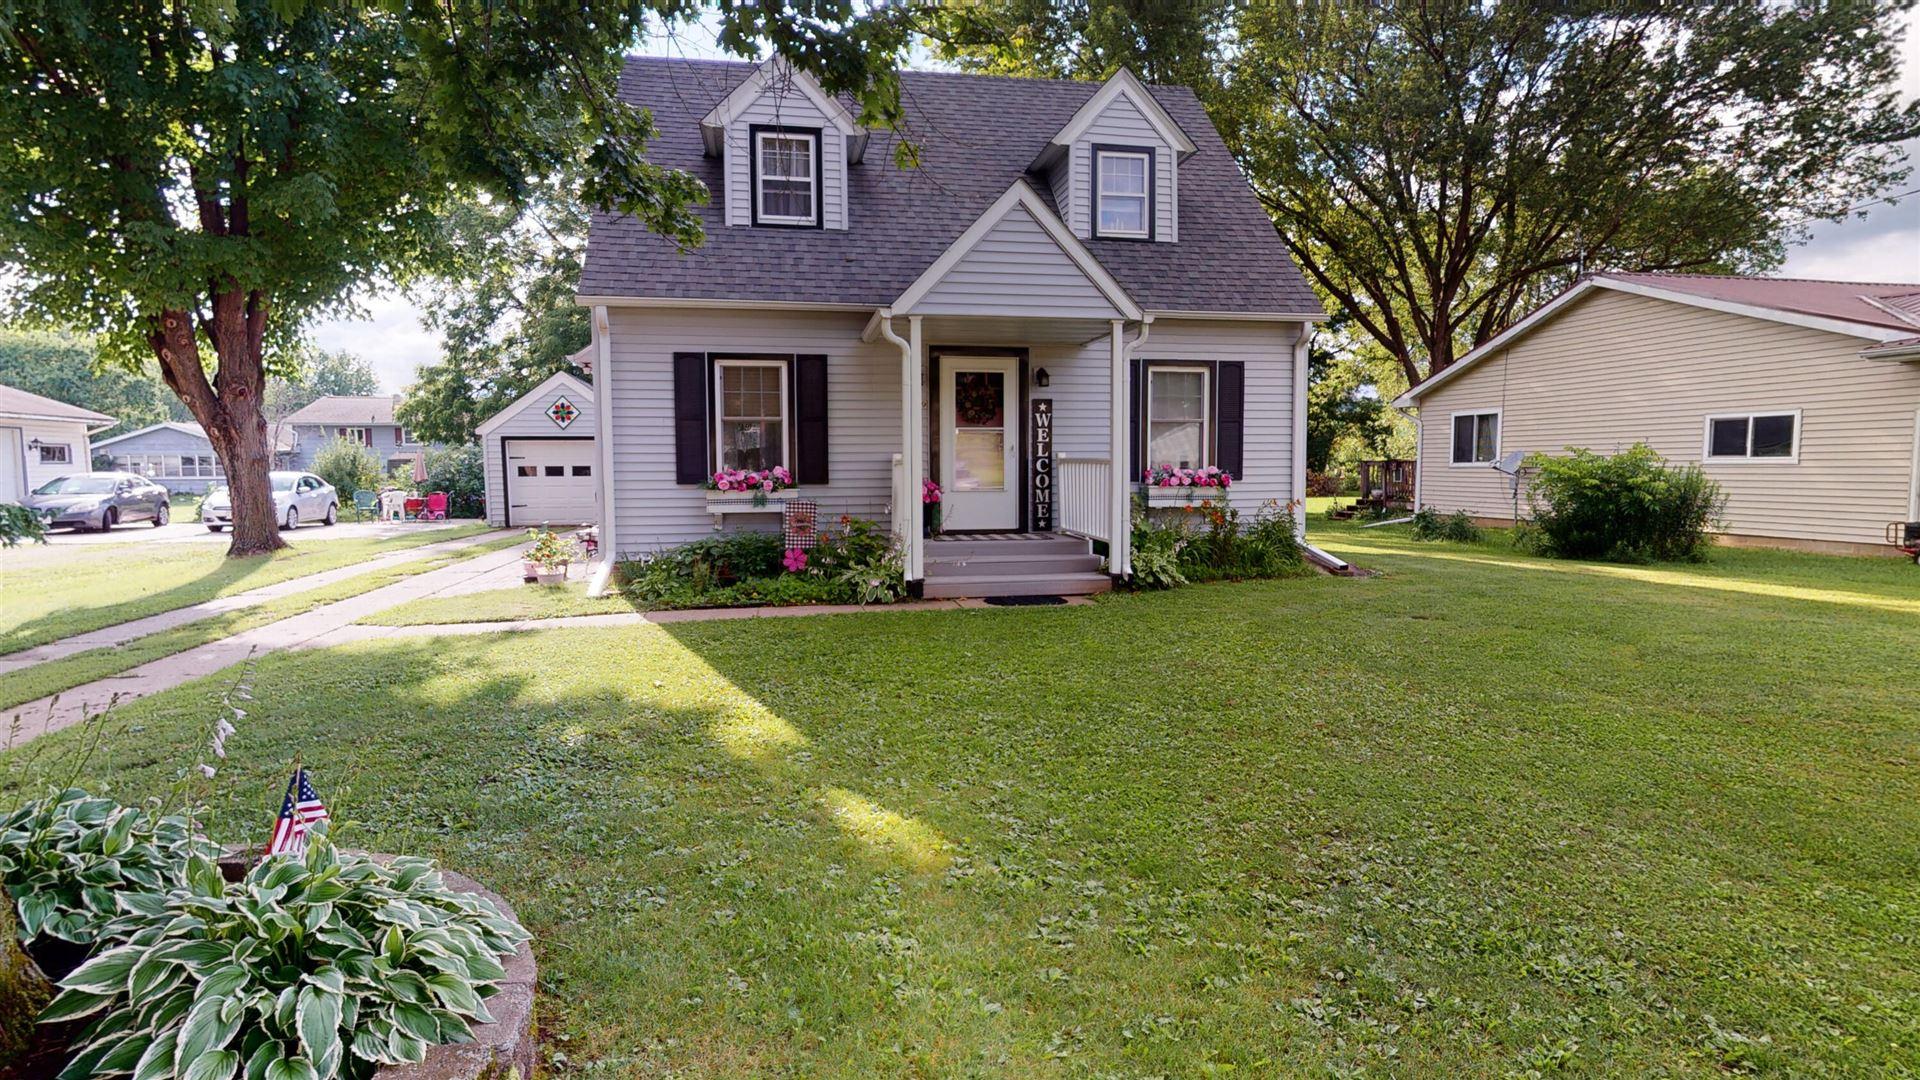 22969 N Main St, Ettrick, WI 54627 - MLS#: 1751520